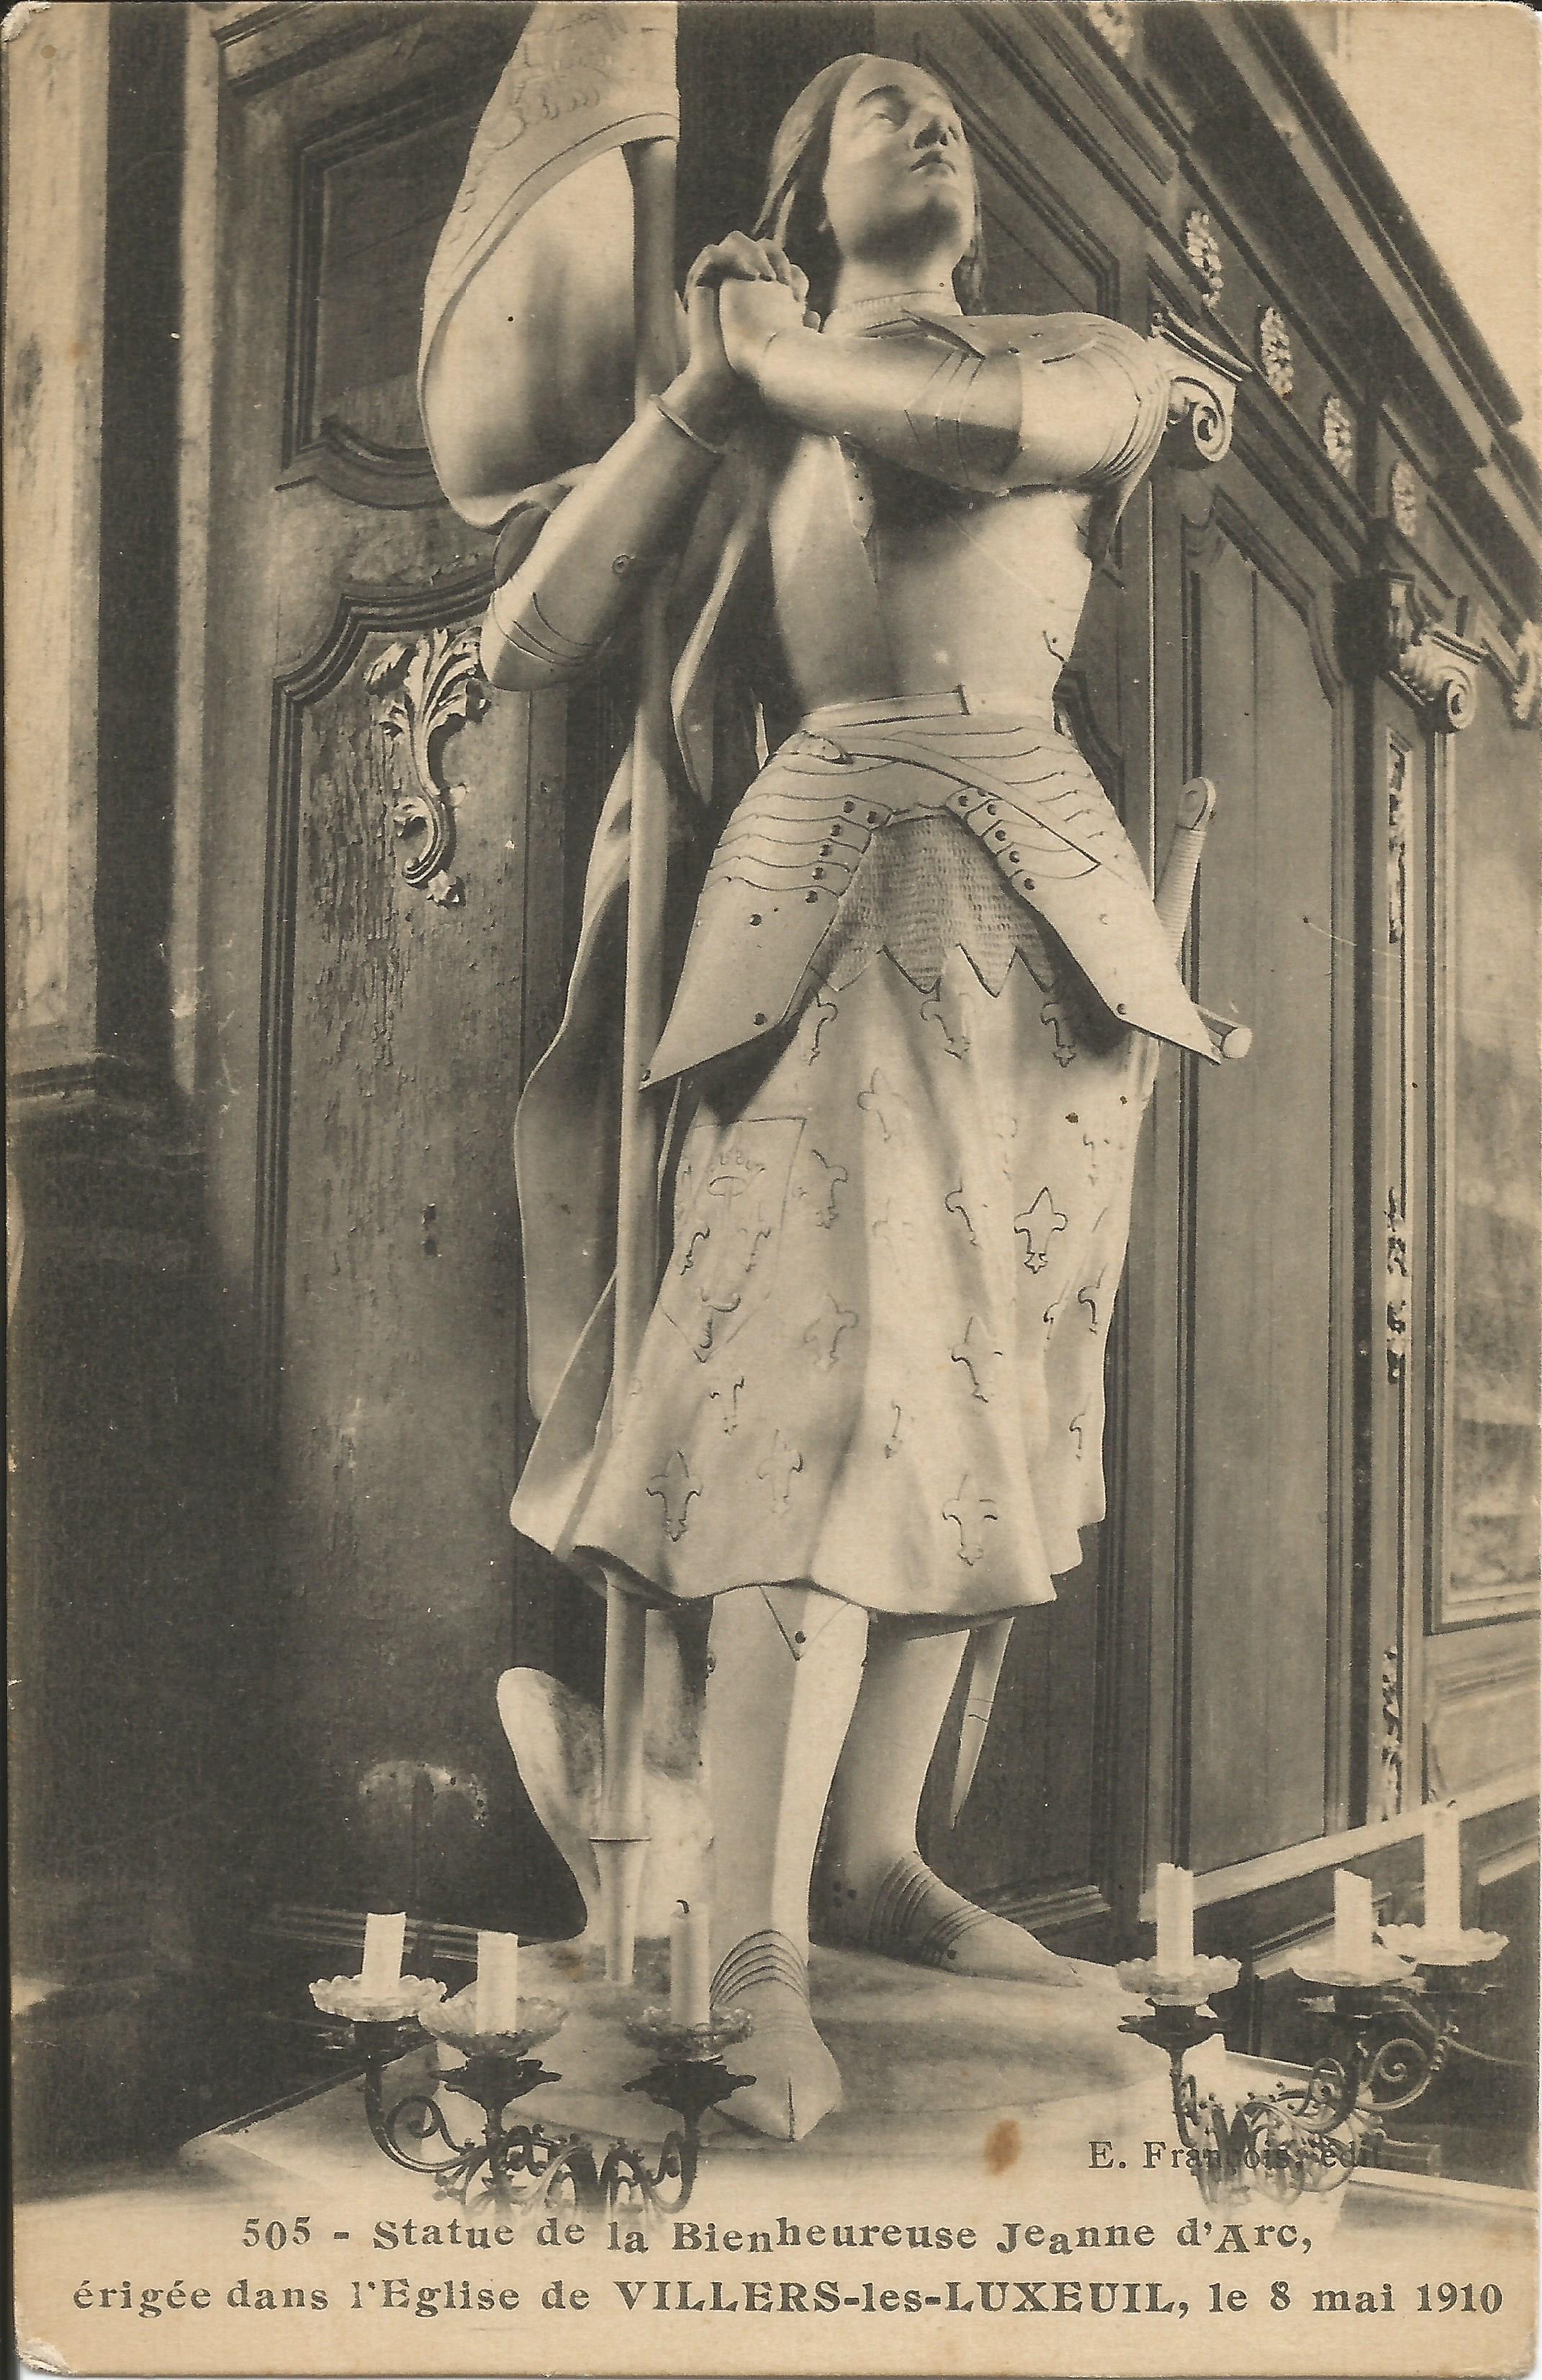 https://www.villers-les-luxeuil.com/projets/villers/files/images/Cartes_postales/EgliseInt_2015/LEglise_9_1922.jpg